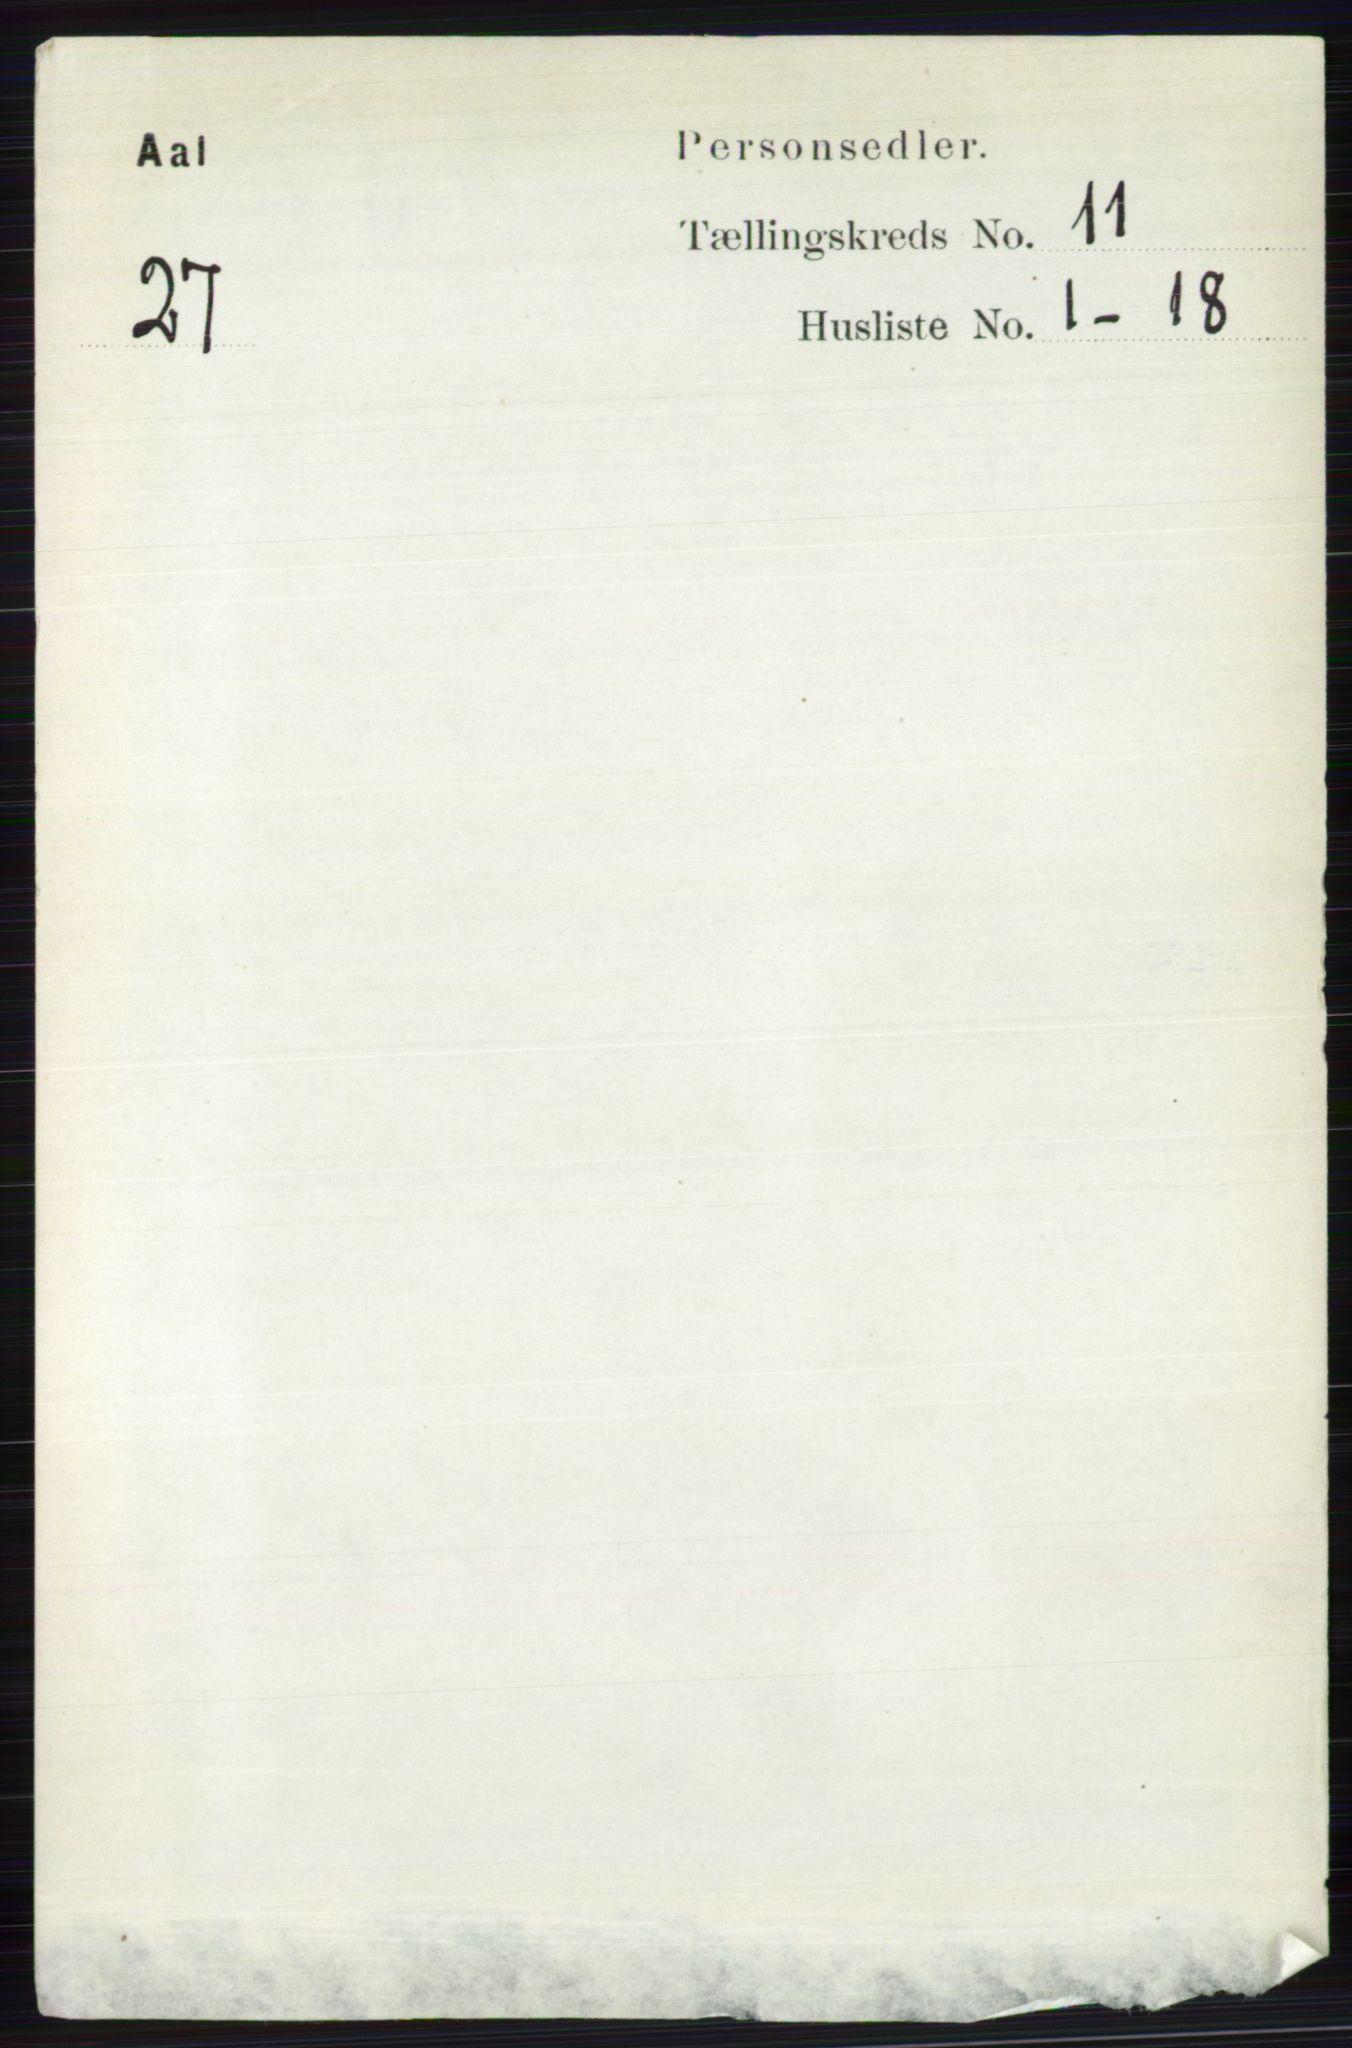 RA, Folketelling 1891 for 0619 Ål herred, 1891, s. 2869